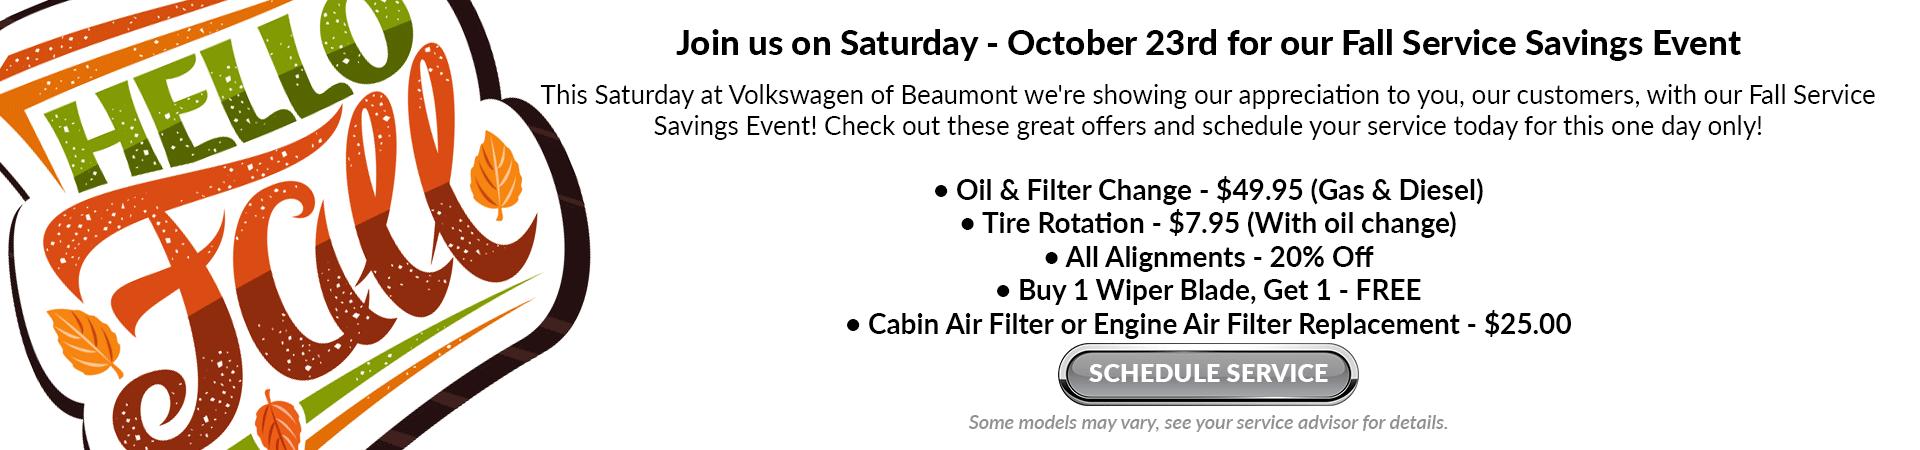 OCT-web-Volkswagen-of-Beaumont